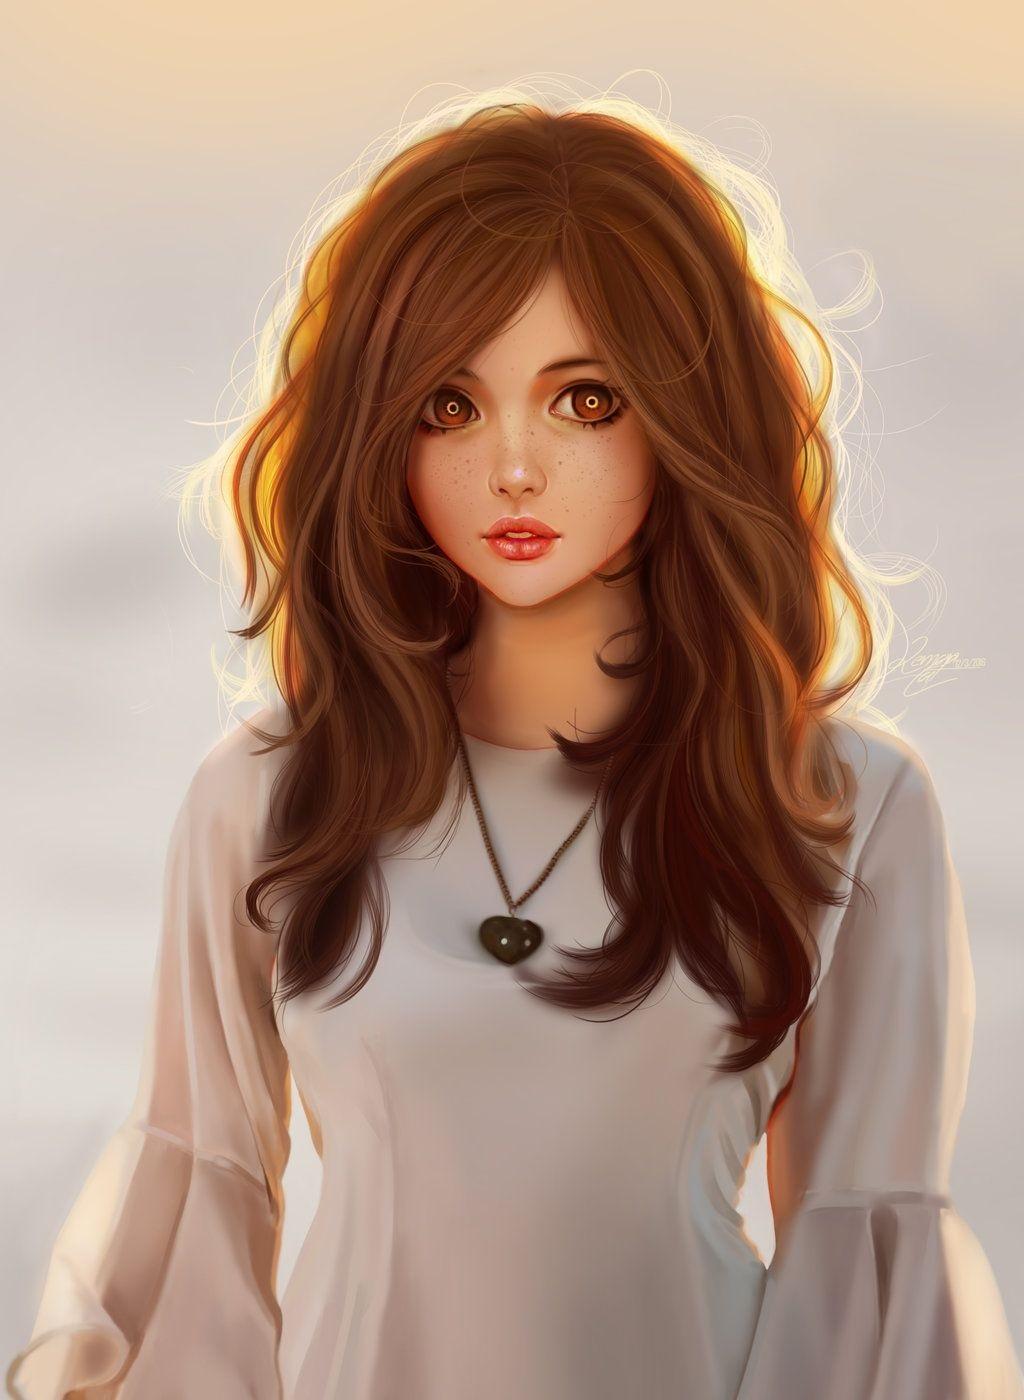 Красивая арт девушка аниме   яркие картинки 03